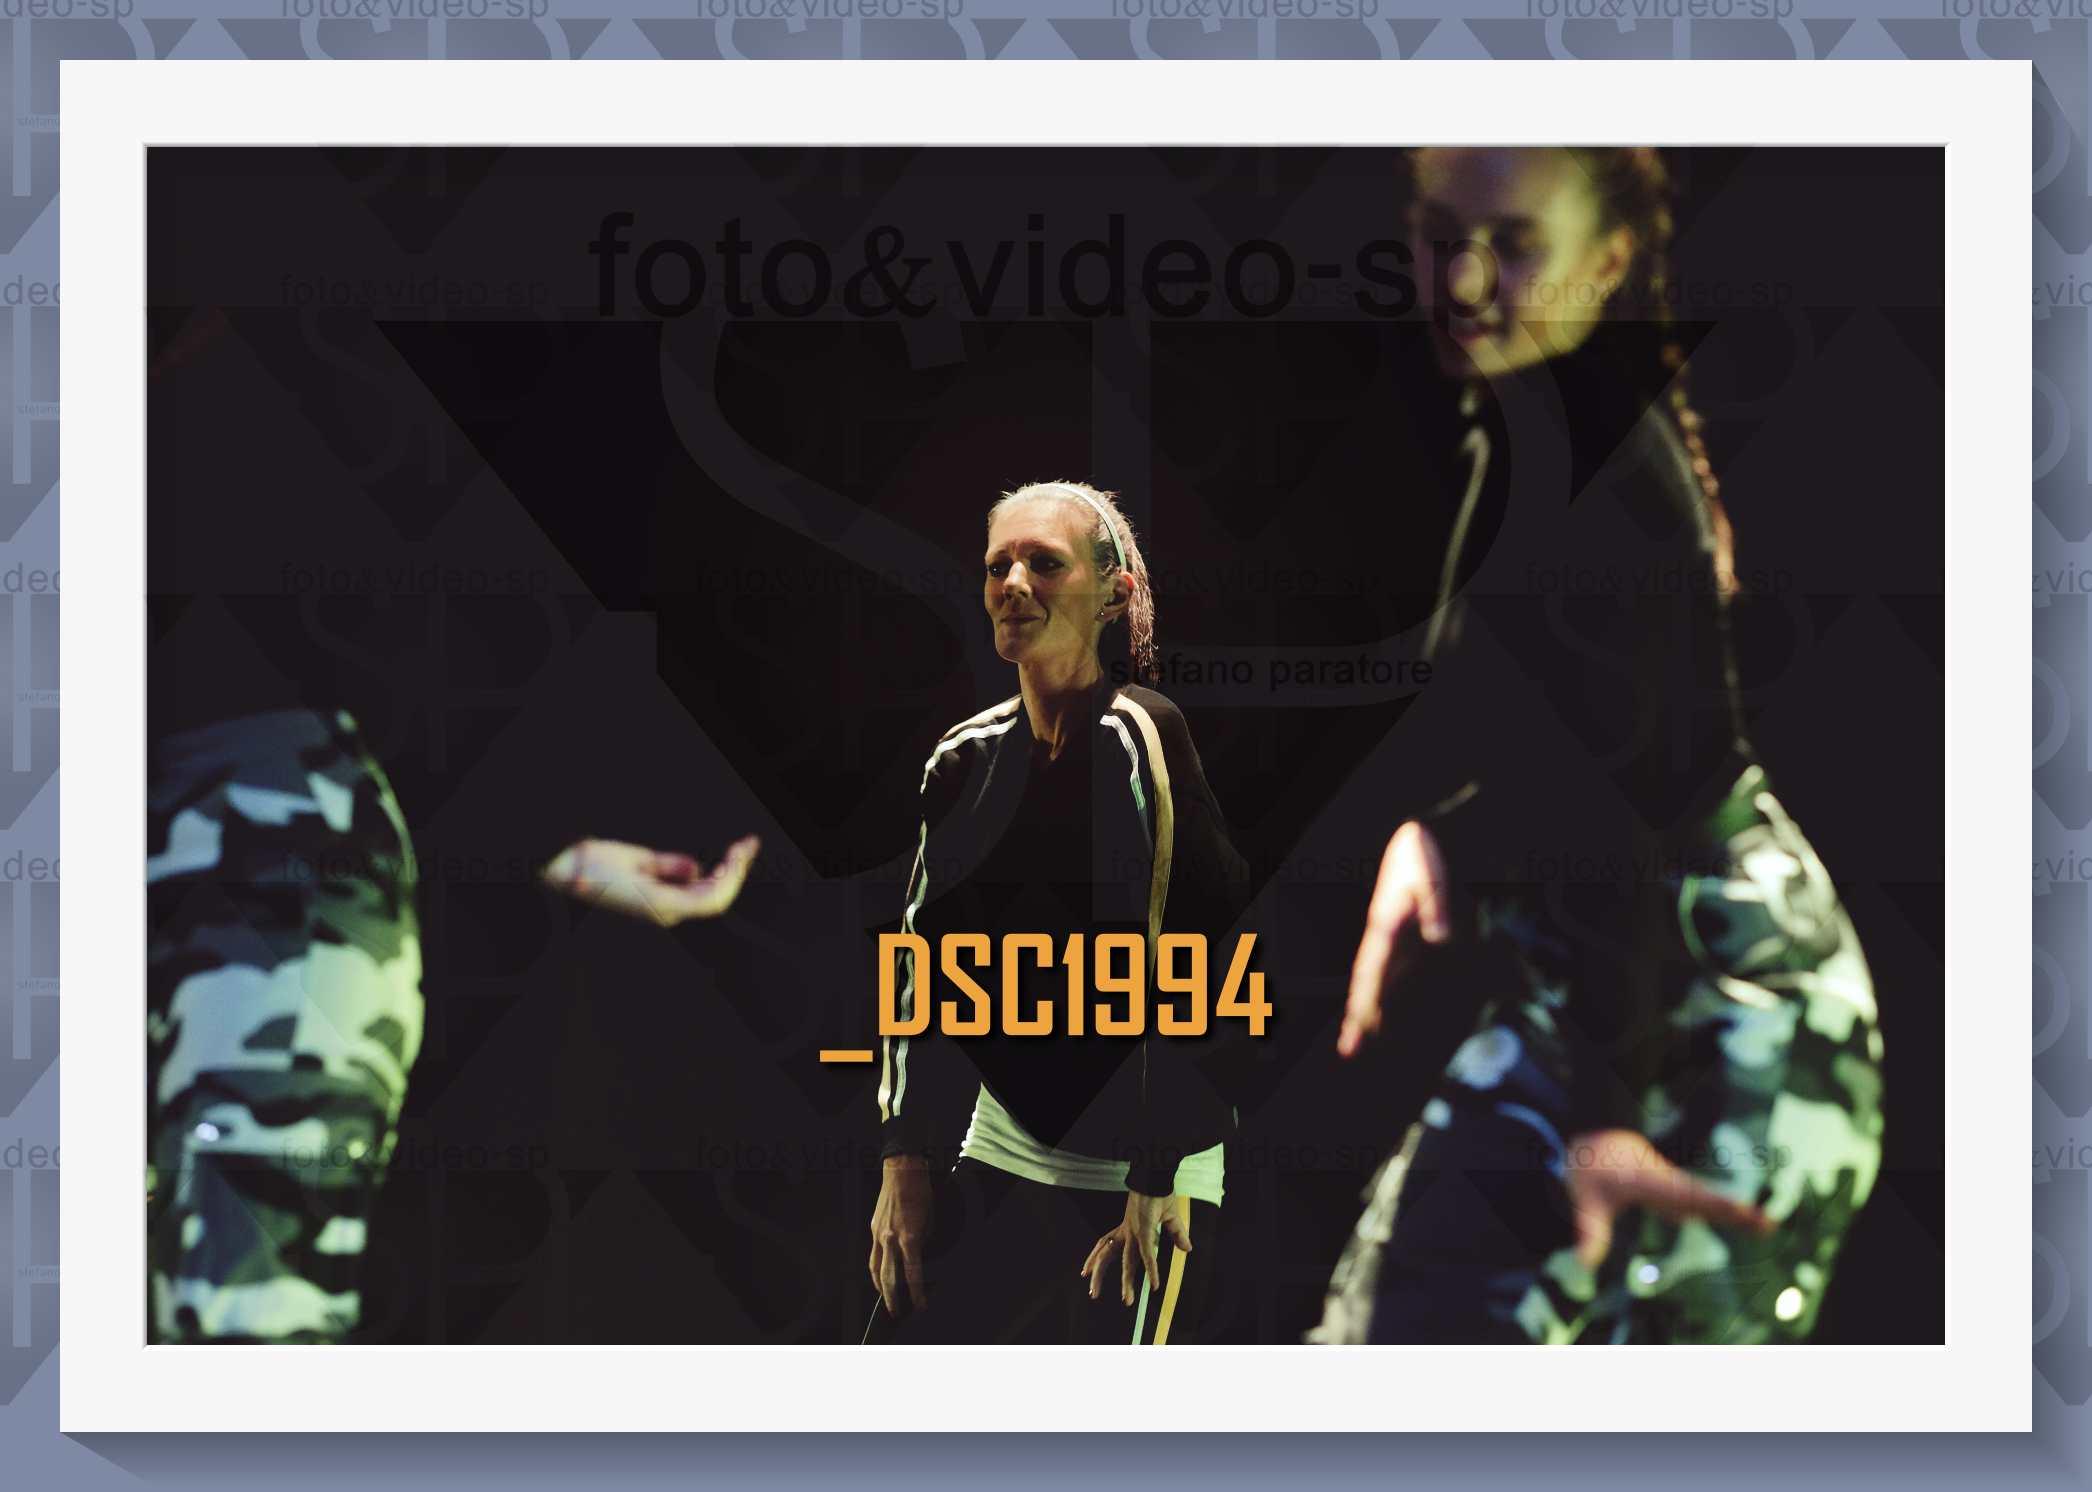 DSC1994